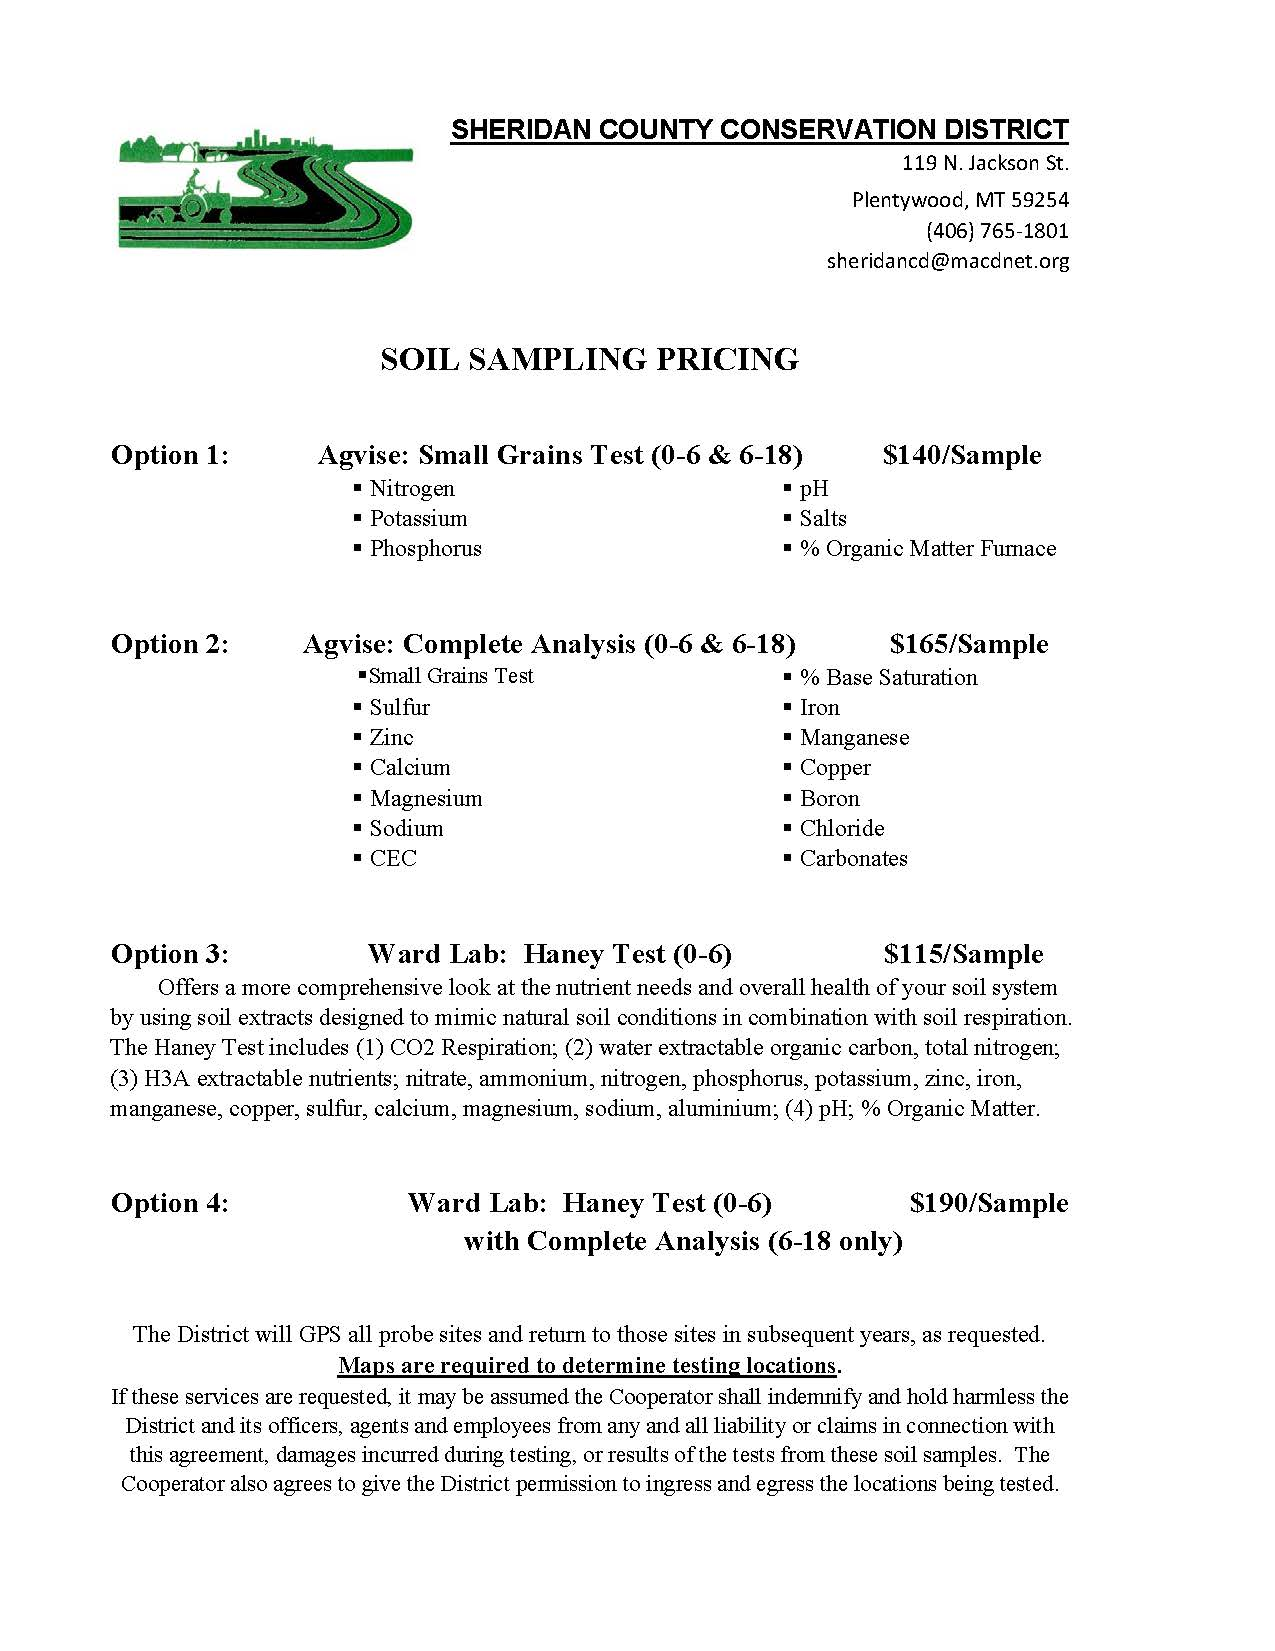 Soil Test Pricing Sheet